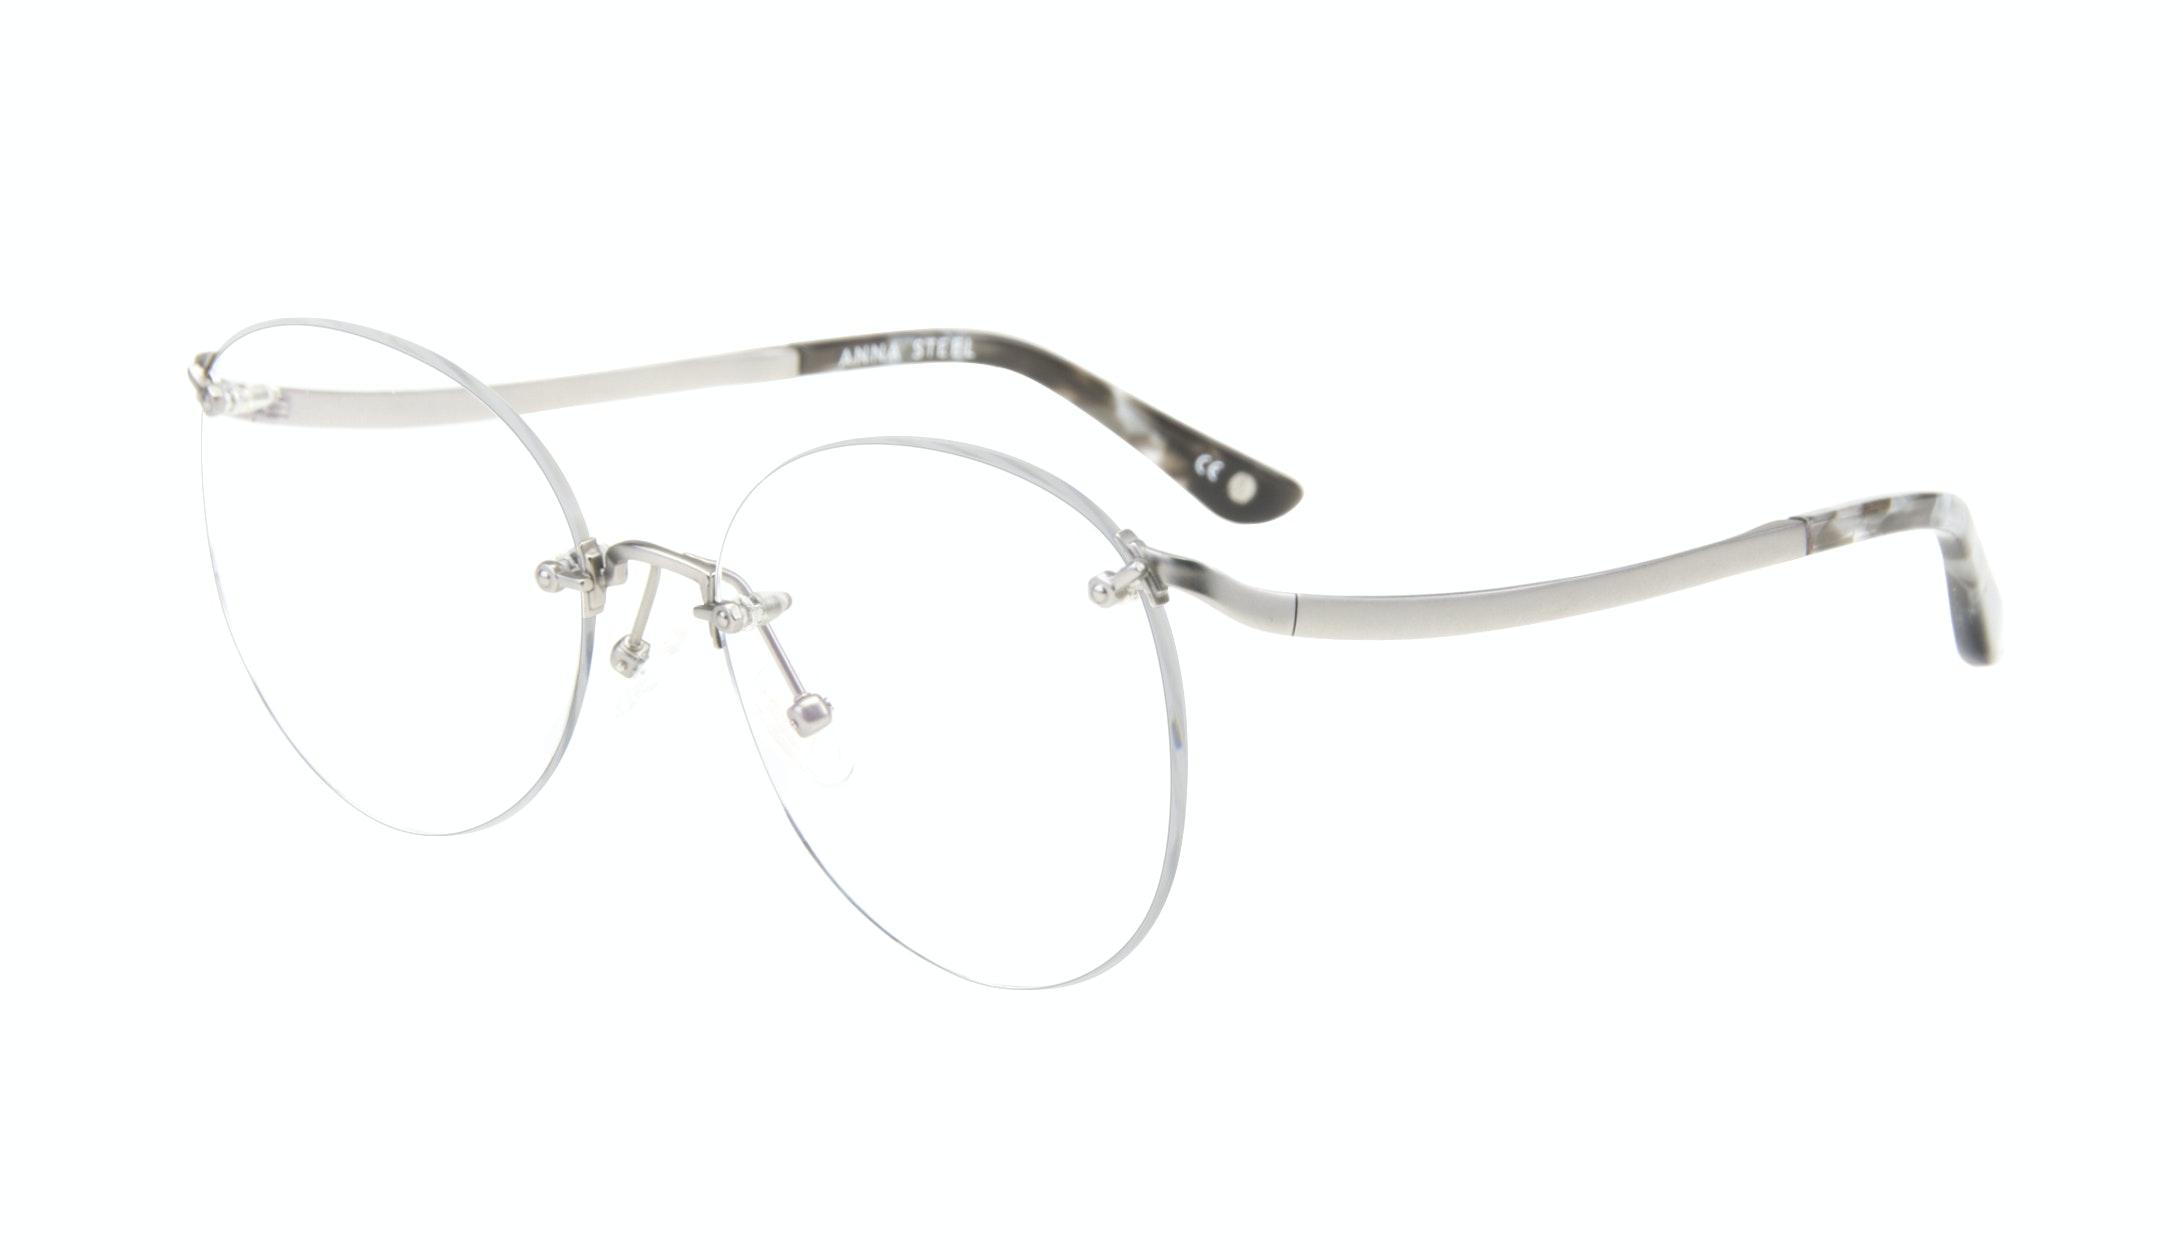 Affordable Fashion Glasses Aviator Eyeglasses Women Anna Steel Tilt